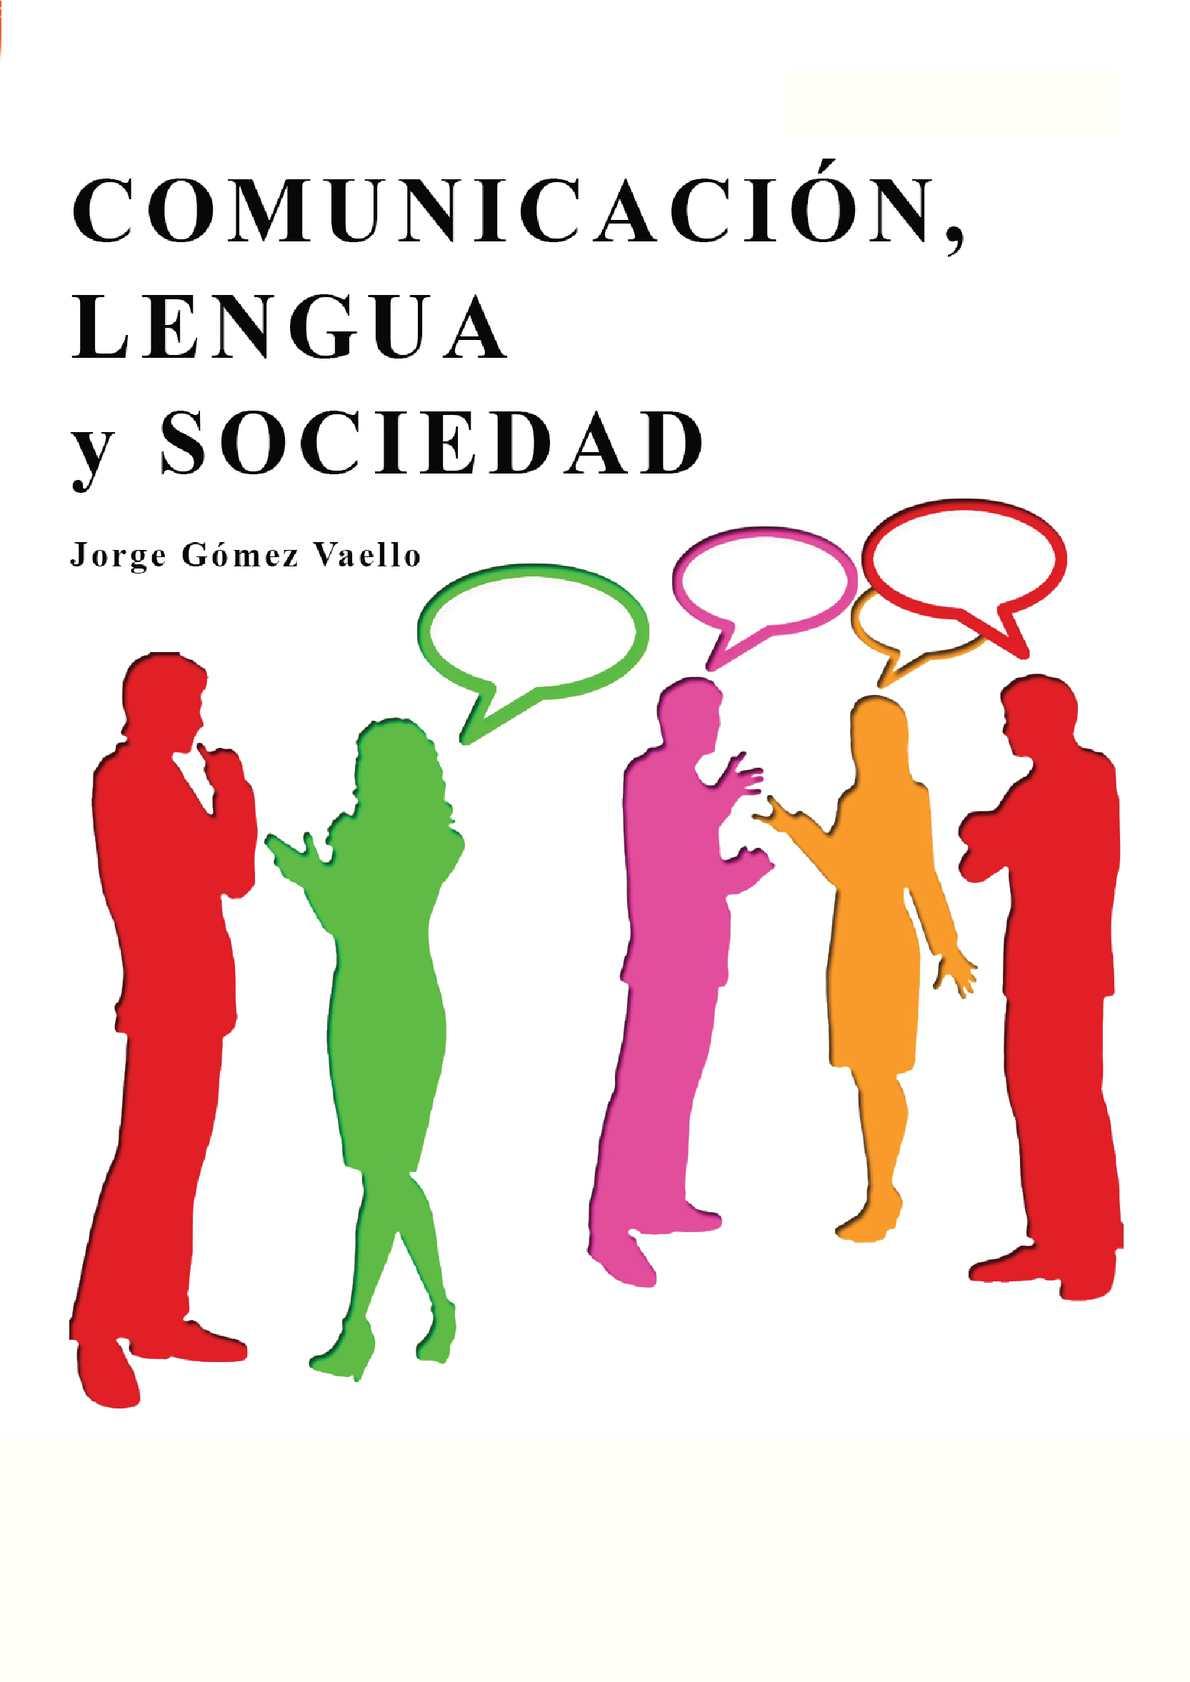 Calaméo - Comunicación, lengua y sociedad